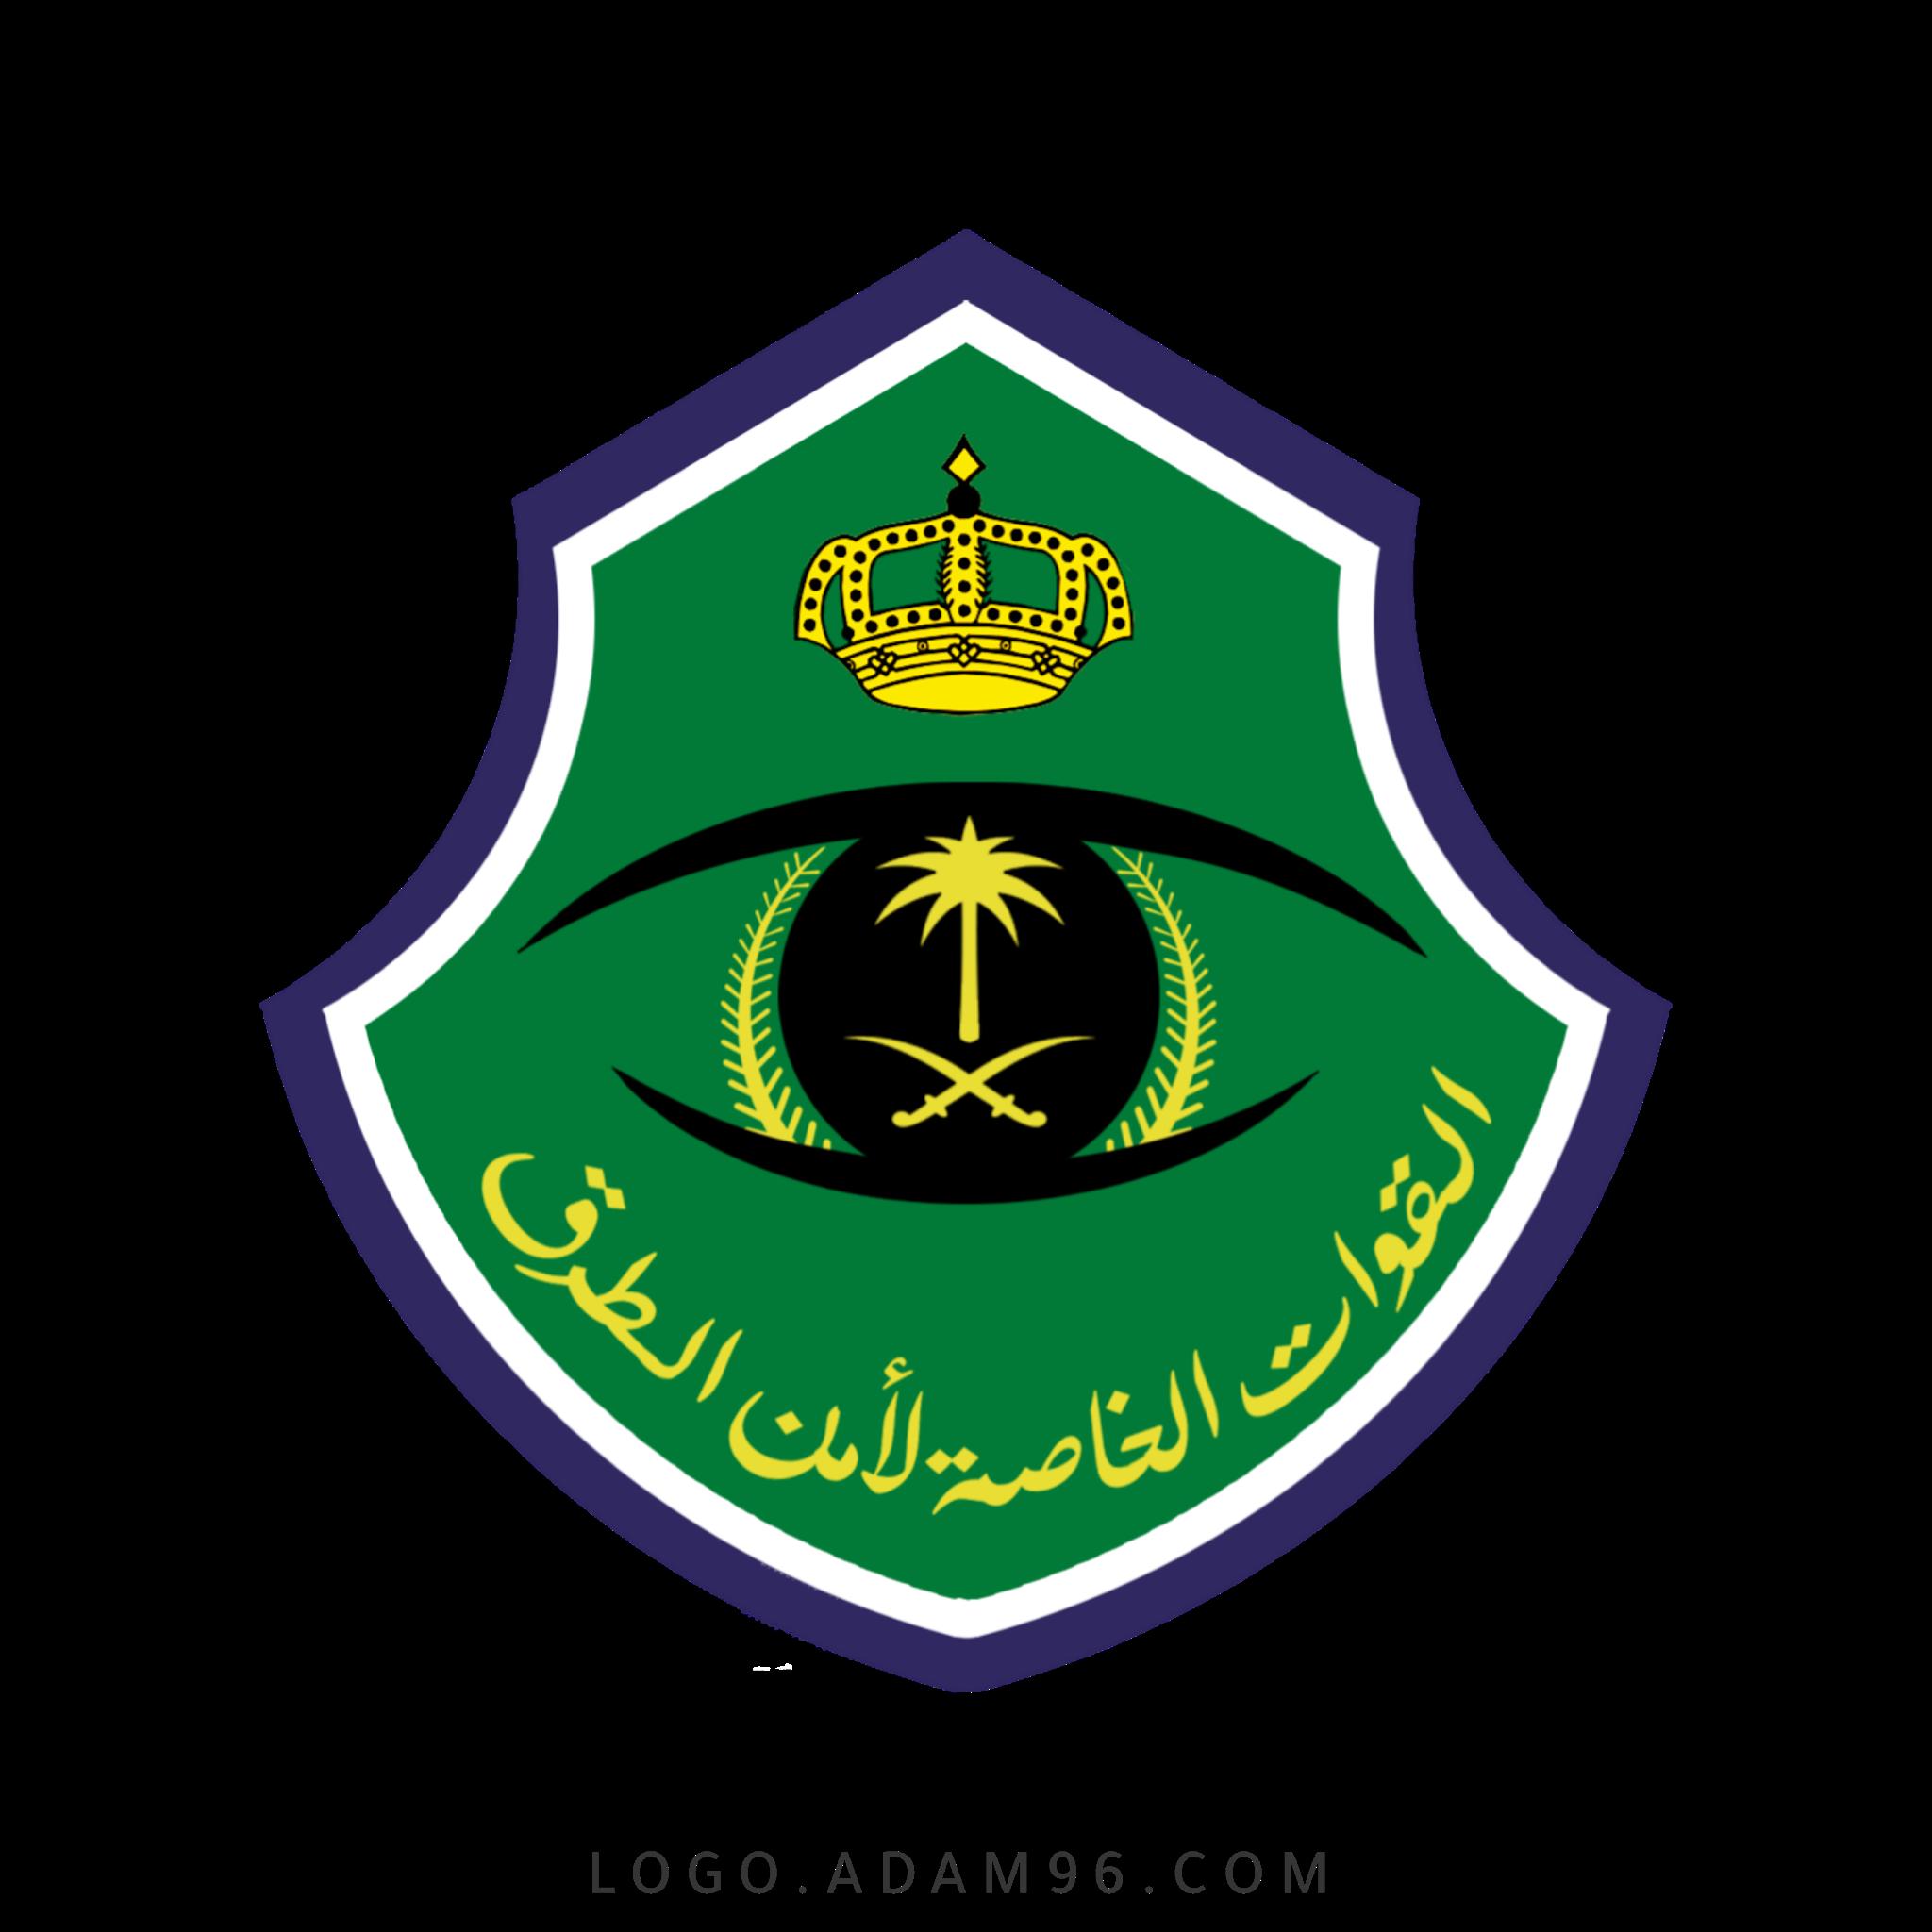 تحميل شعار القوات الخاصة لأمن الطرق لوجو رسمي PNG